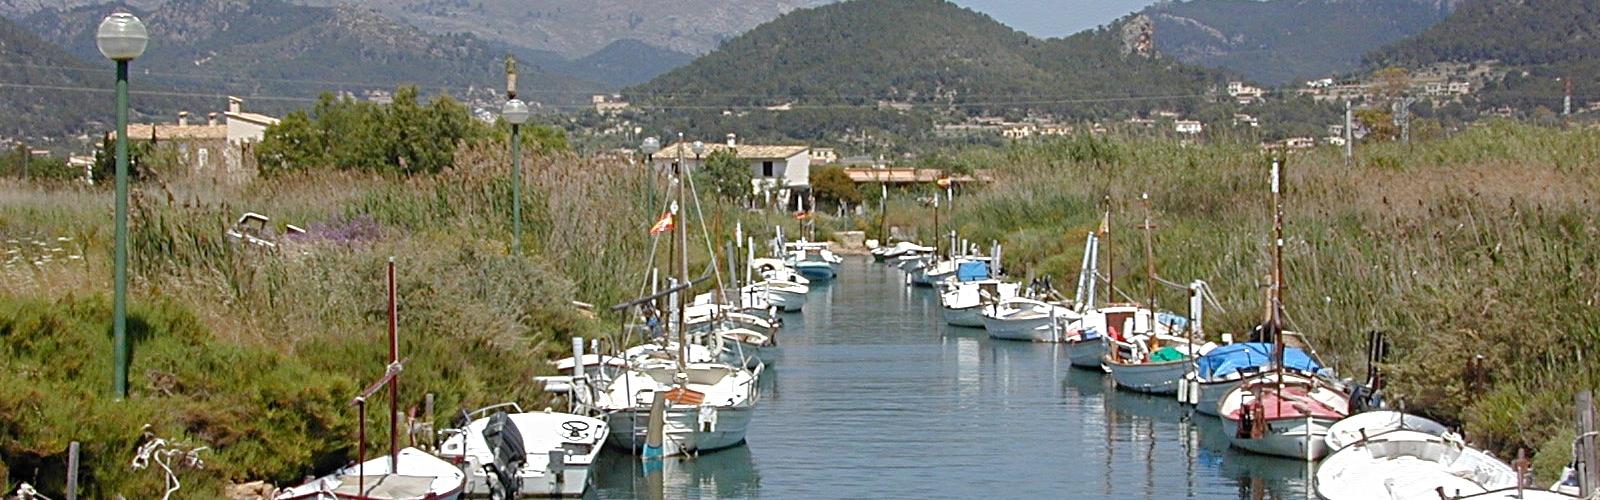 Boote vor Anker